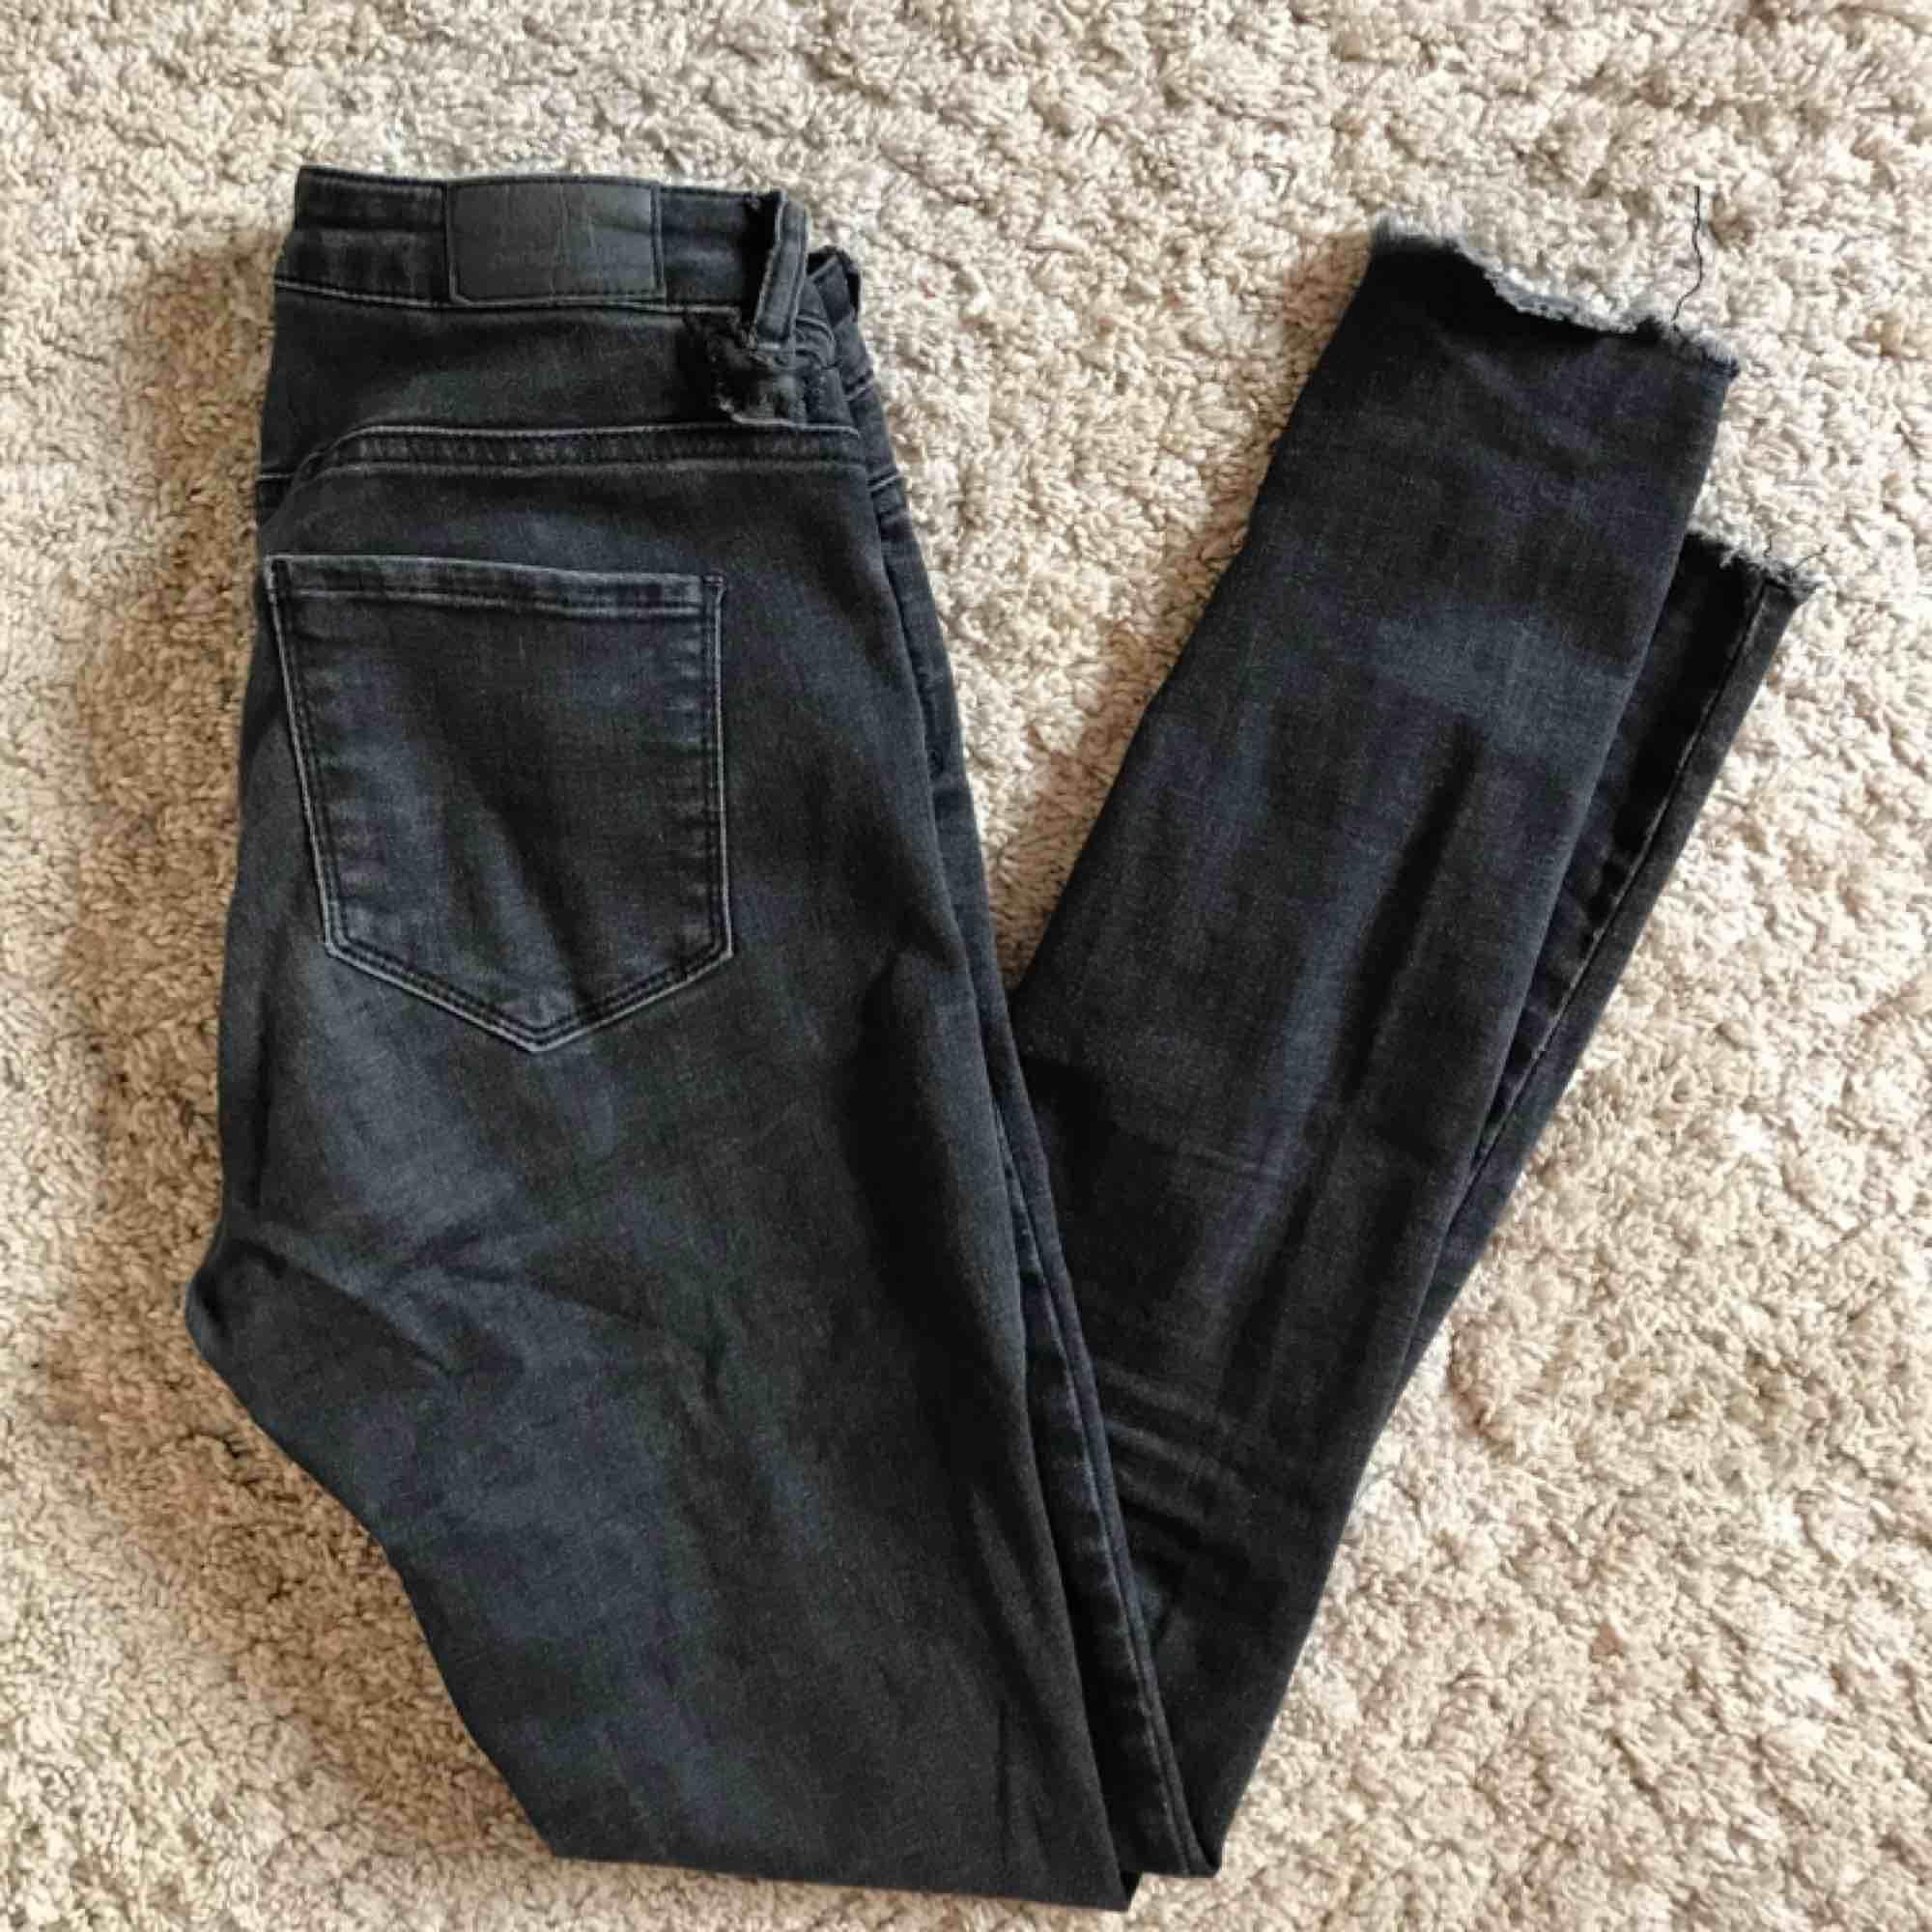 Snygga och bekväma jeans som passar till det mesta! Köpta på Gina Tricot och säljs nu då det inte passar min nuvarande stil 🌻. Jeans & Byxor.